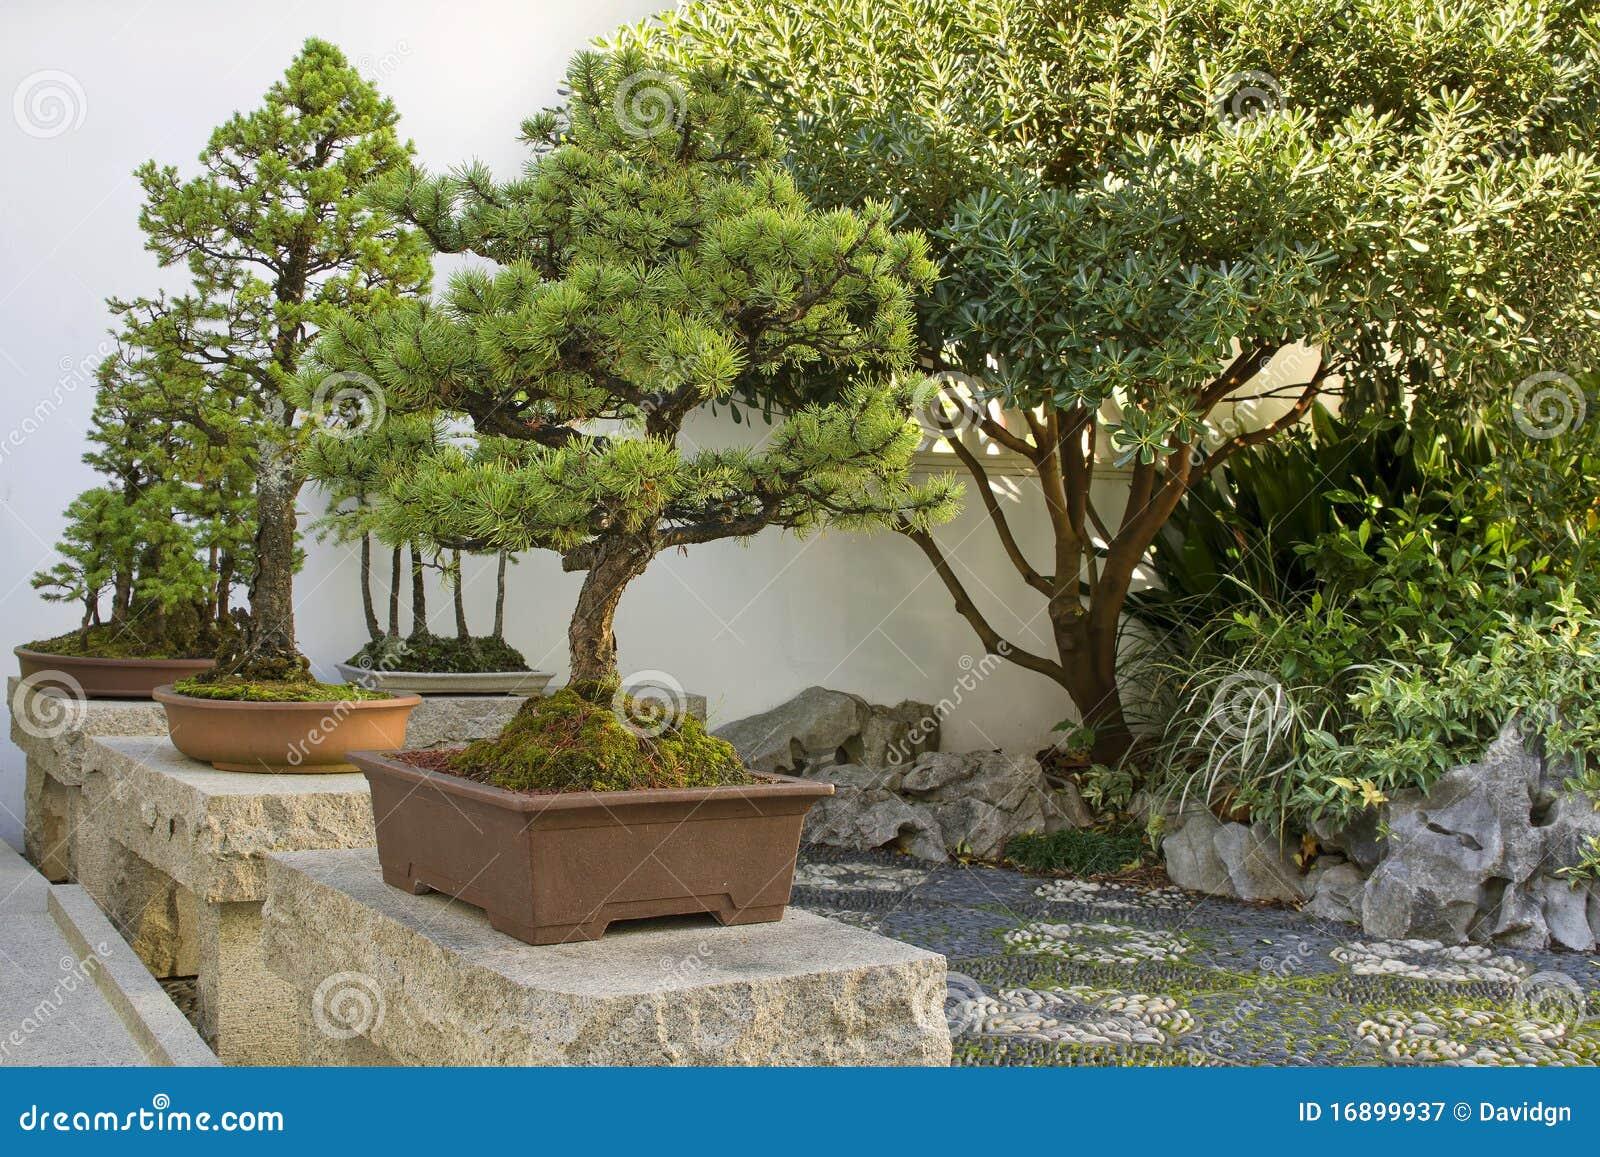 arbres de bonzaies dans le jardin chinois photographie stock libre de droits image 16899937. Black Bedroom Furniture Sets. Home Design Ideas